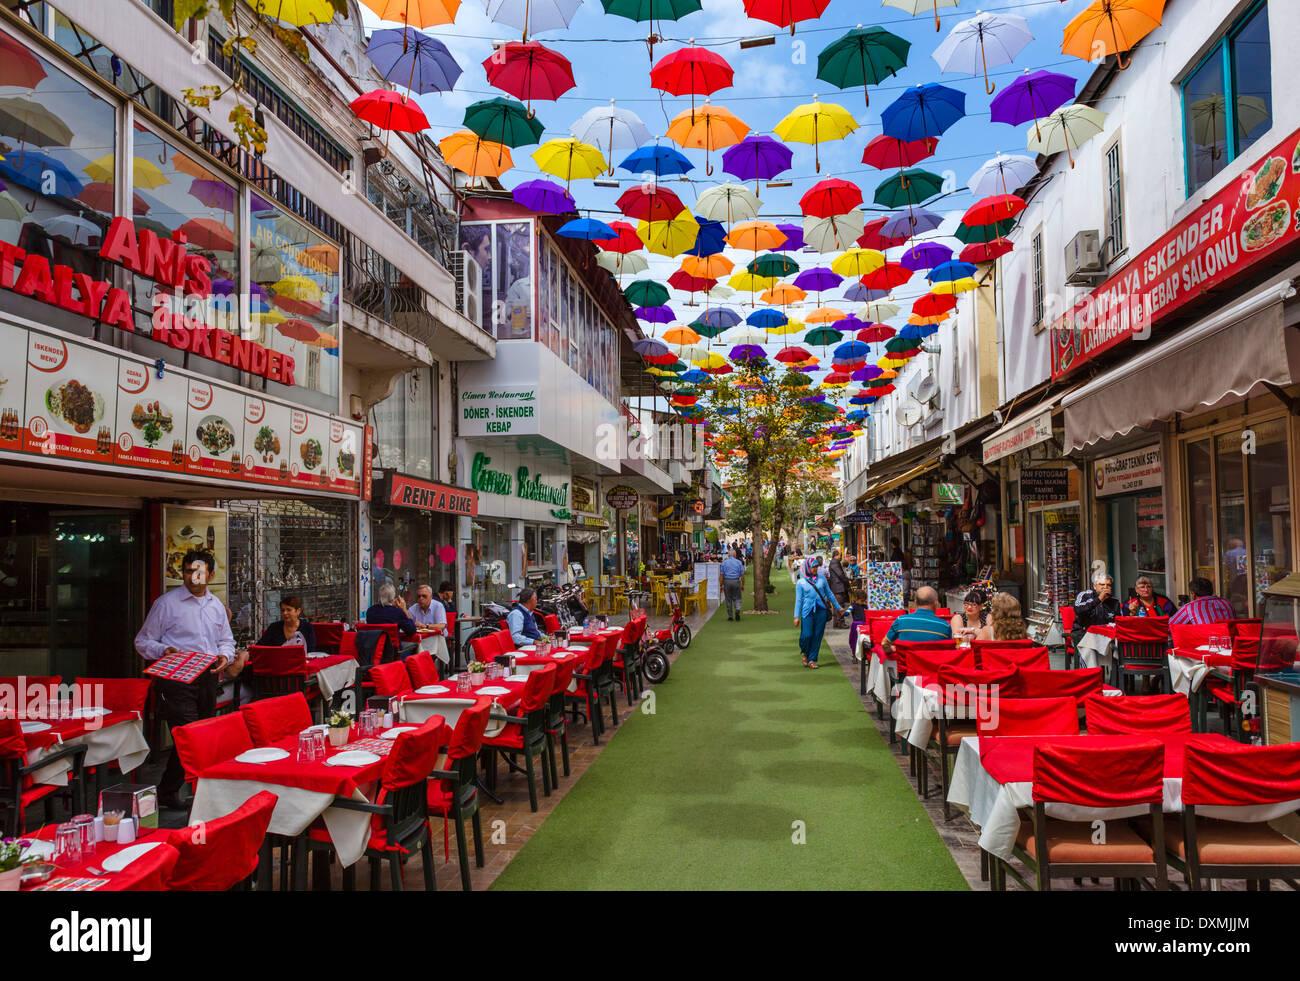 Turkish Restaurants In Old Street